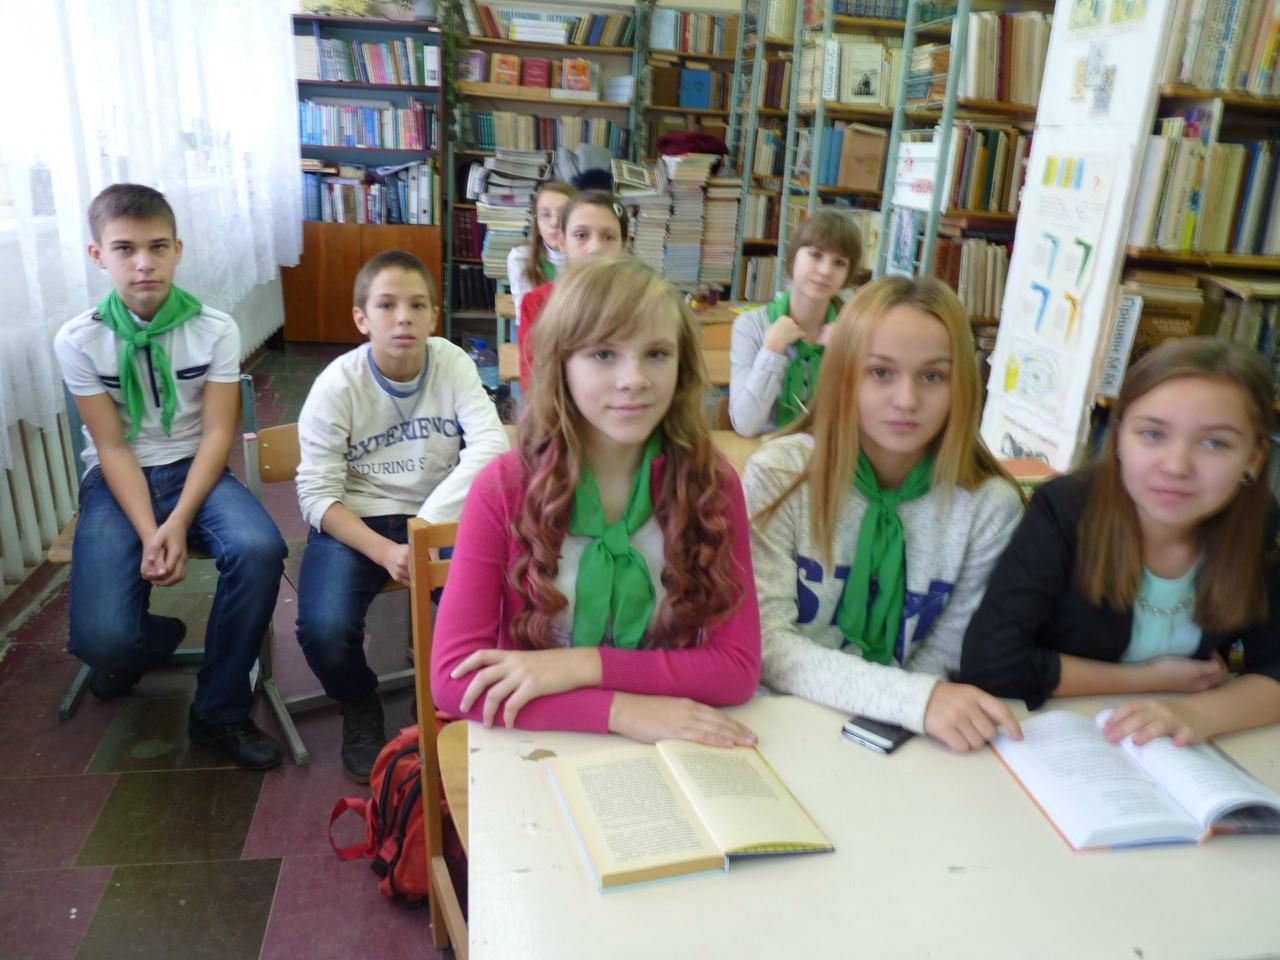 донецкая республиканская библиотека для детей,патриотическое воспитание детей,великая отечественная война,писатели фронтовики